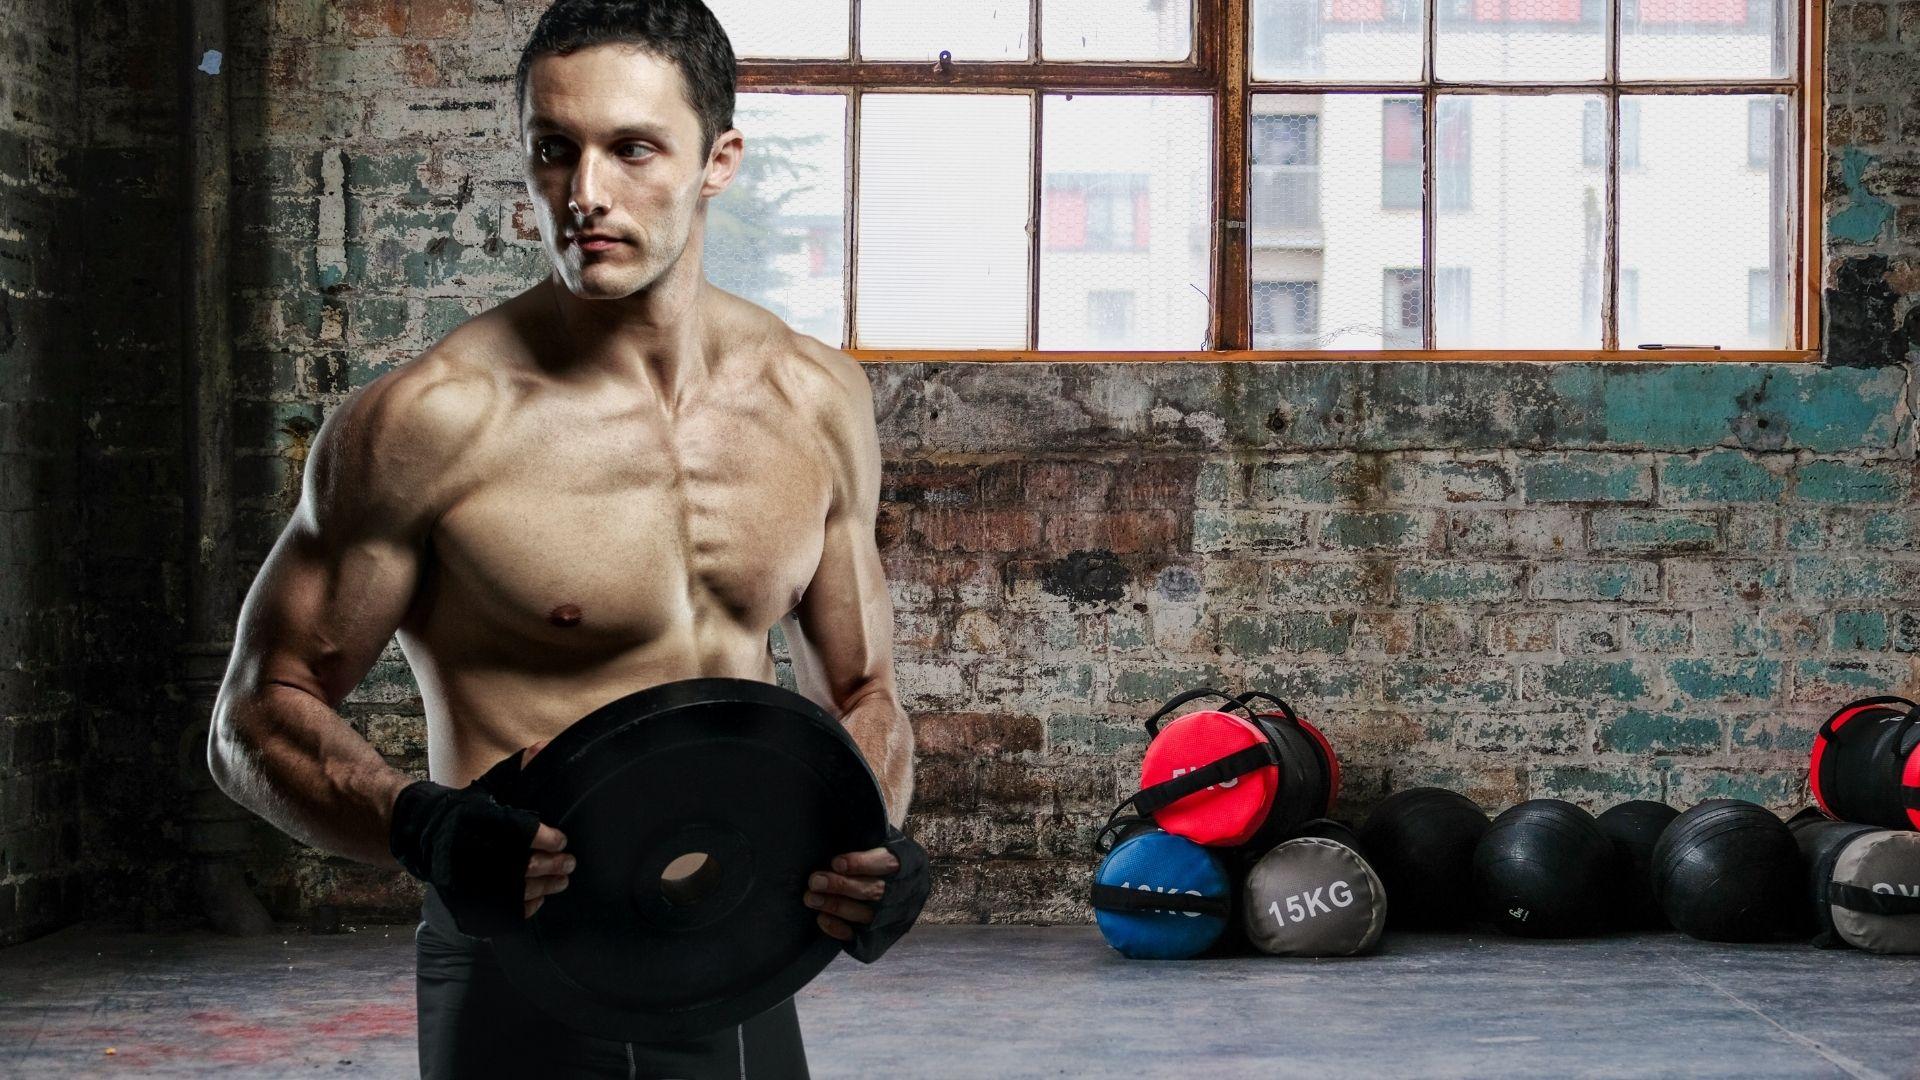 Brustmuskel-Guide: Die besten Übungen für zuhause